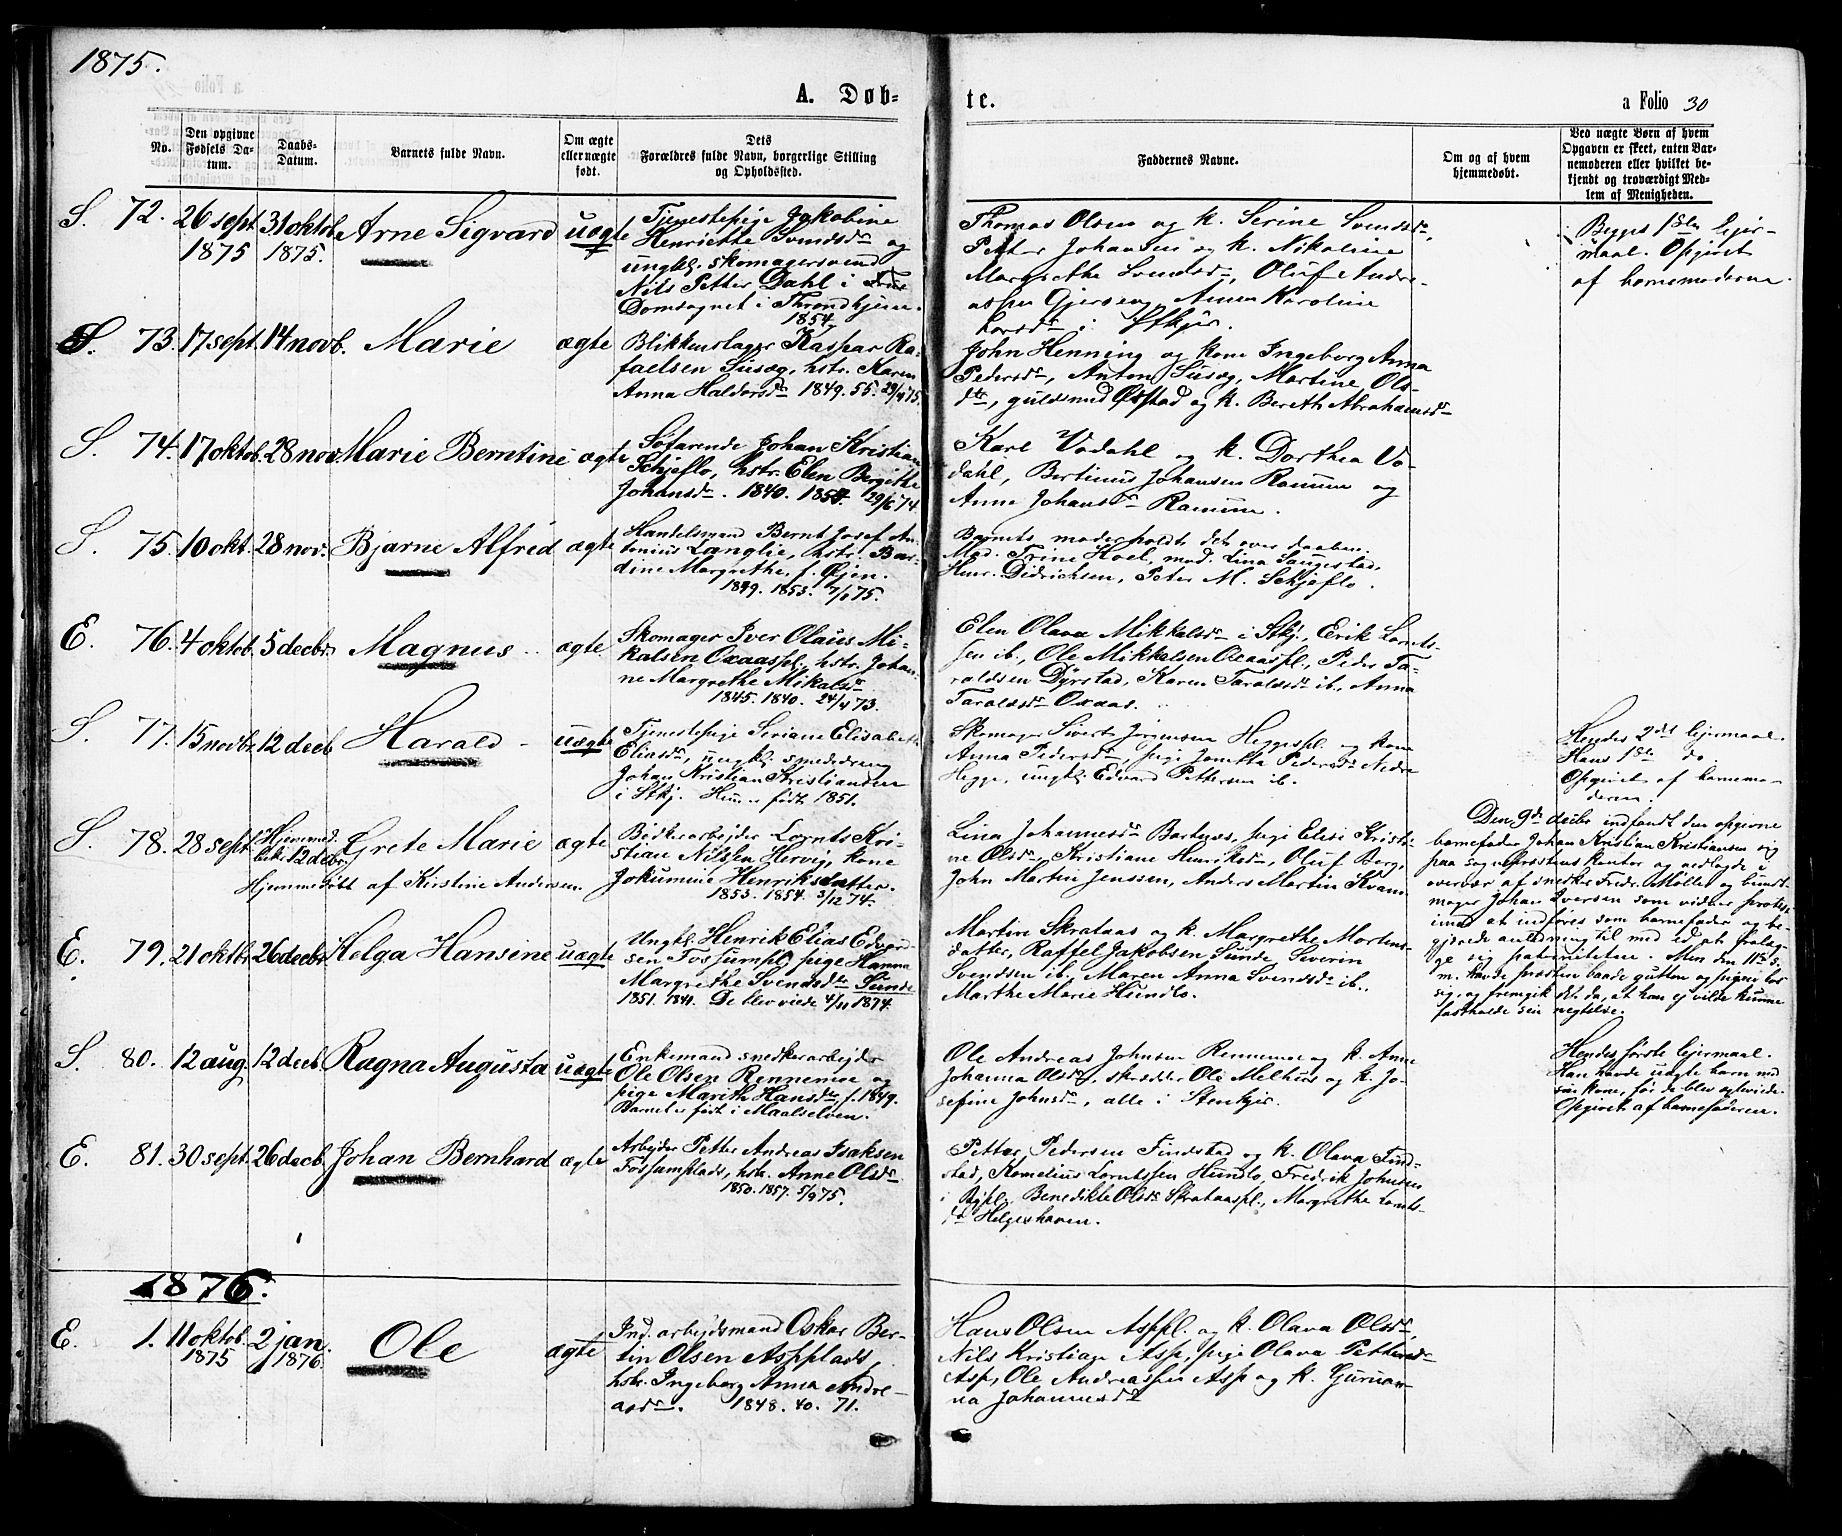 SAT, Ministerialprotokoller, klokkerbøker og fødselsregistre - Nord-Trøndelag, 739/L0370: Ministerialbok nr. 739A02, 1868-1881, s. 30